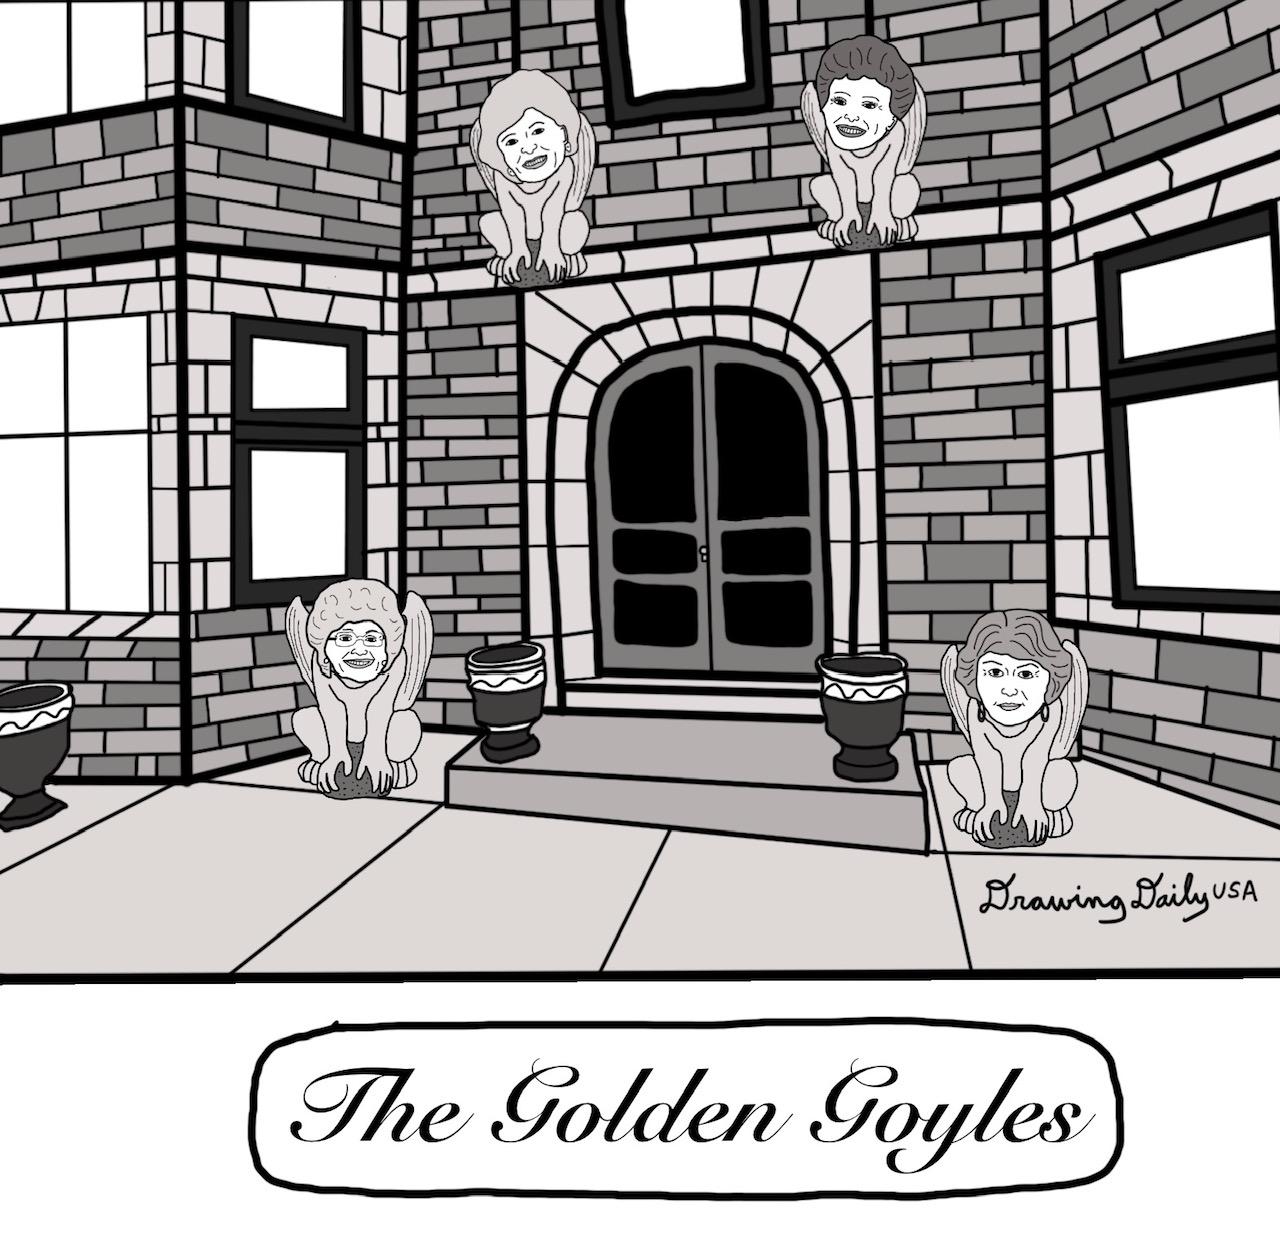 The Golden Goyles